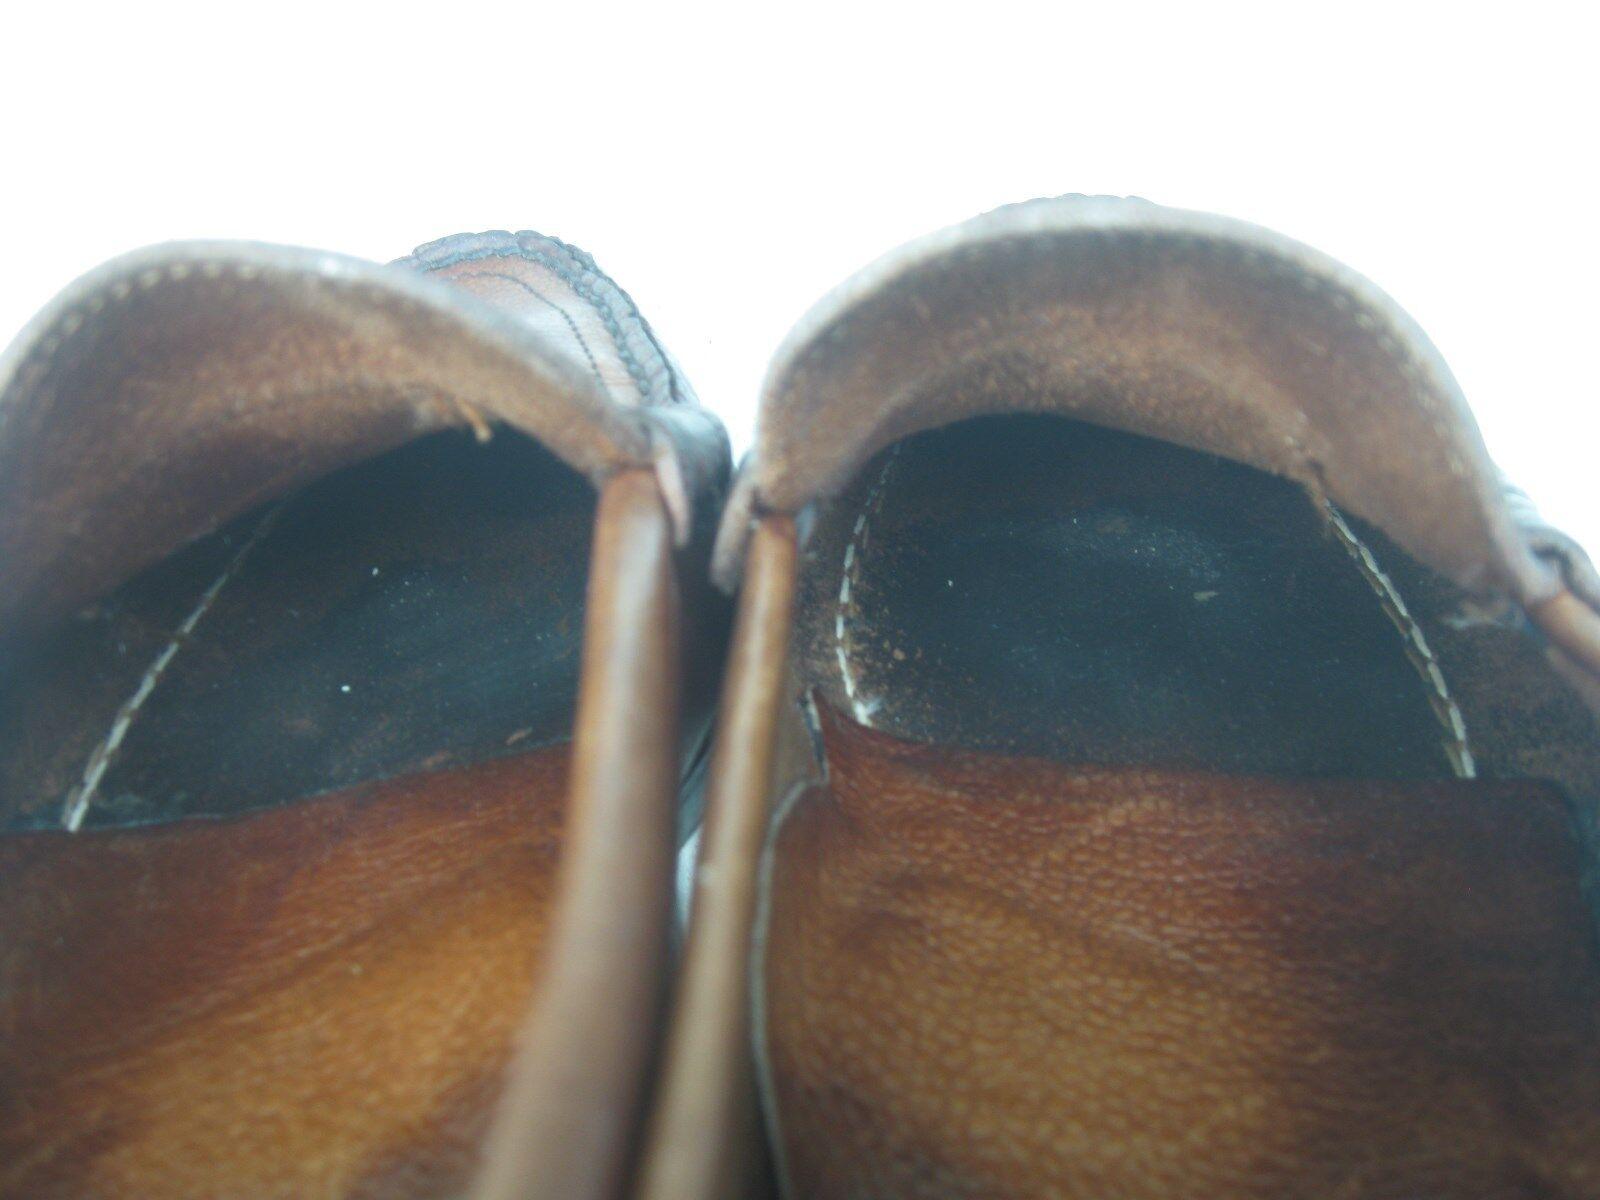 Angustiado marrón Hecho En Usa Slip On Penny mocasín mocasín mocasín conducción Moccasin Talla 9.5 m 3ce6d1